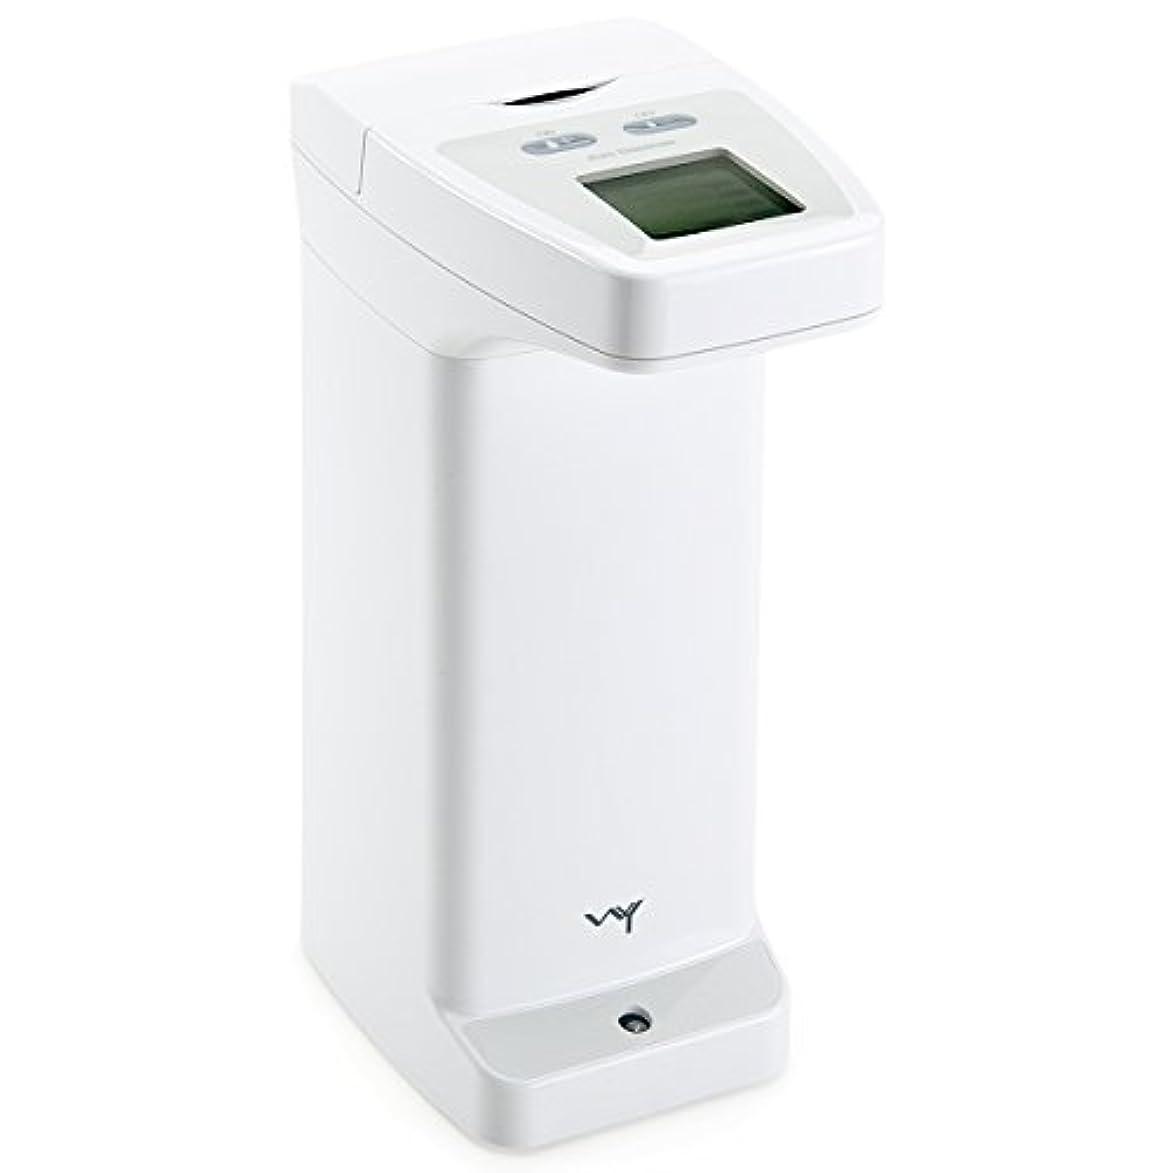 スイッチペックスペイン語WY 自動センサーディスペンサー 洗剤 ハンドソープ アルコール用 ソープディスペンサー 防滴 液晶付き WY-HM012